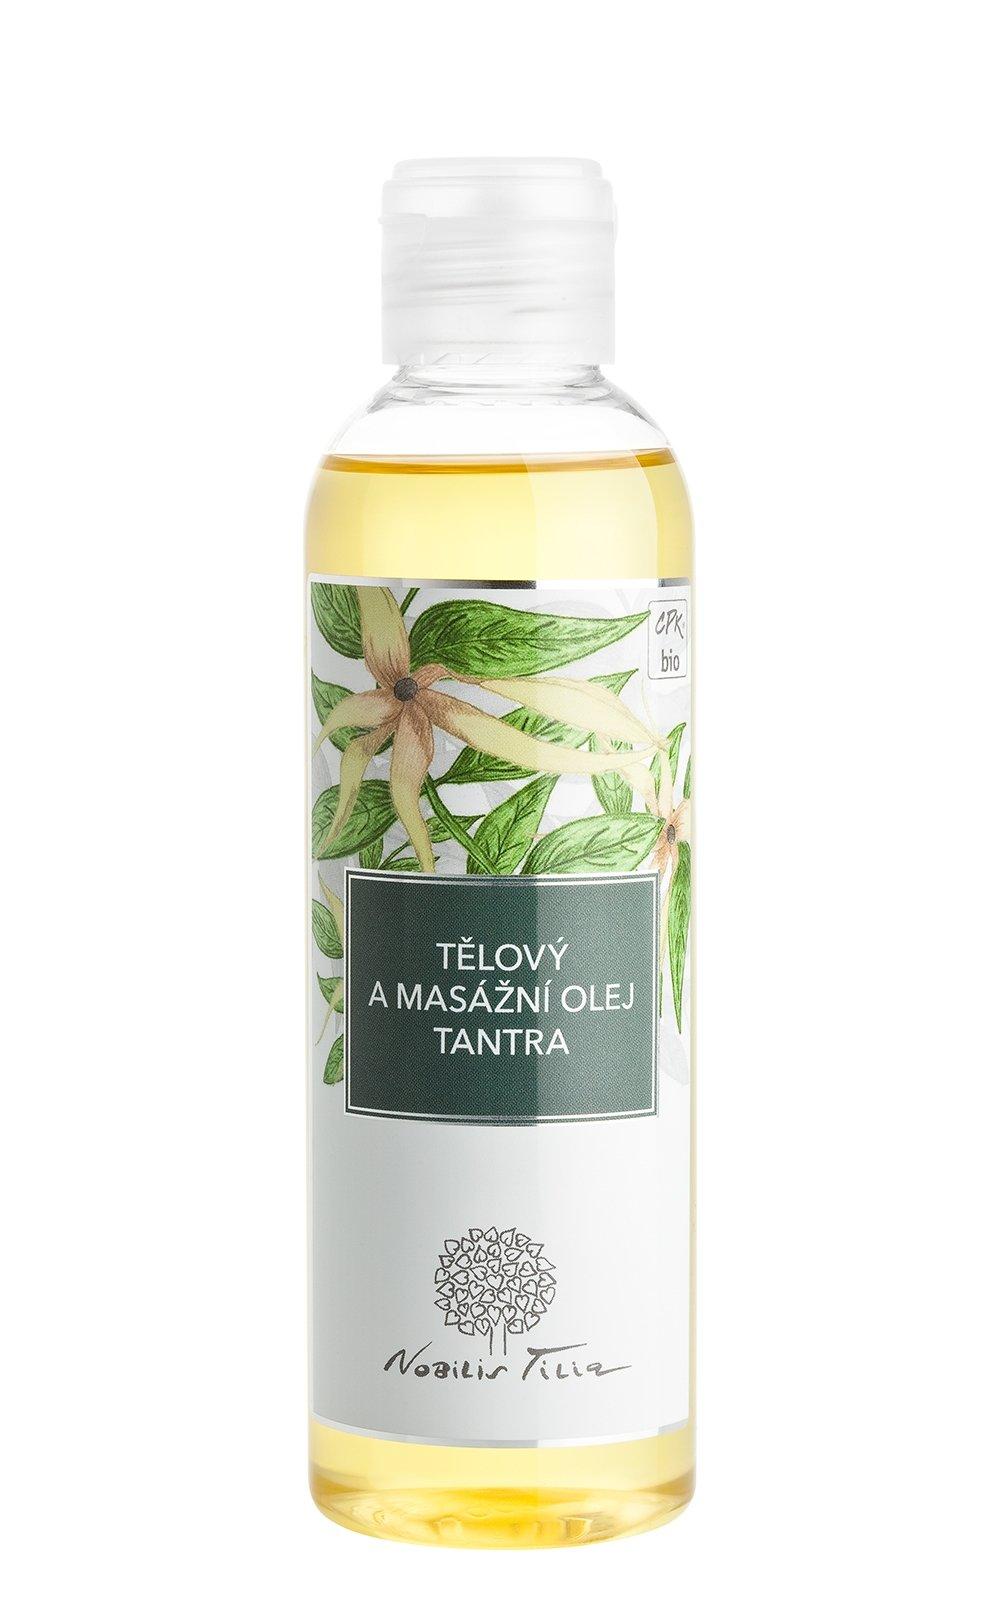 Tělový a masážní olej Tantra